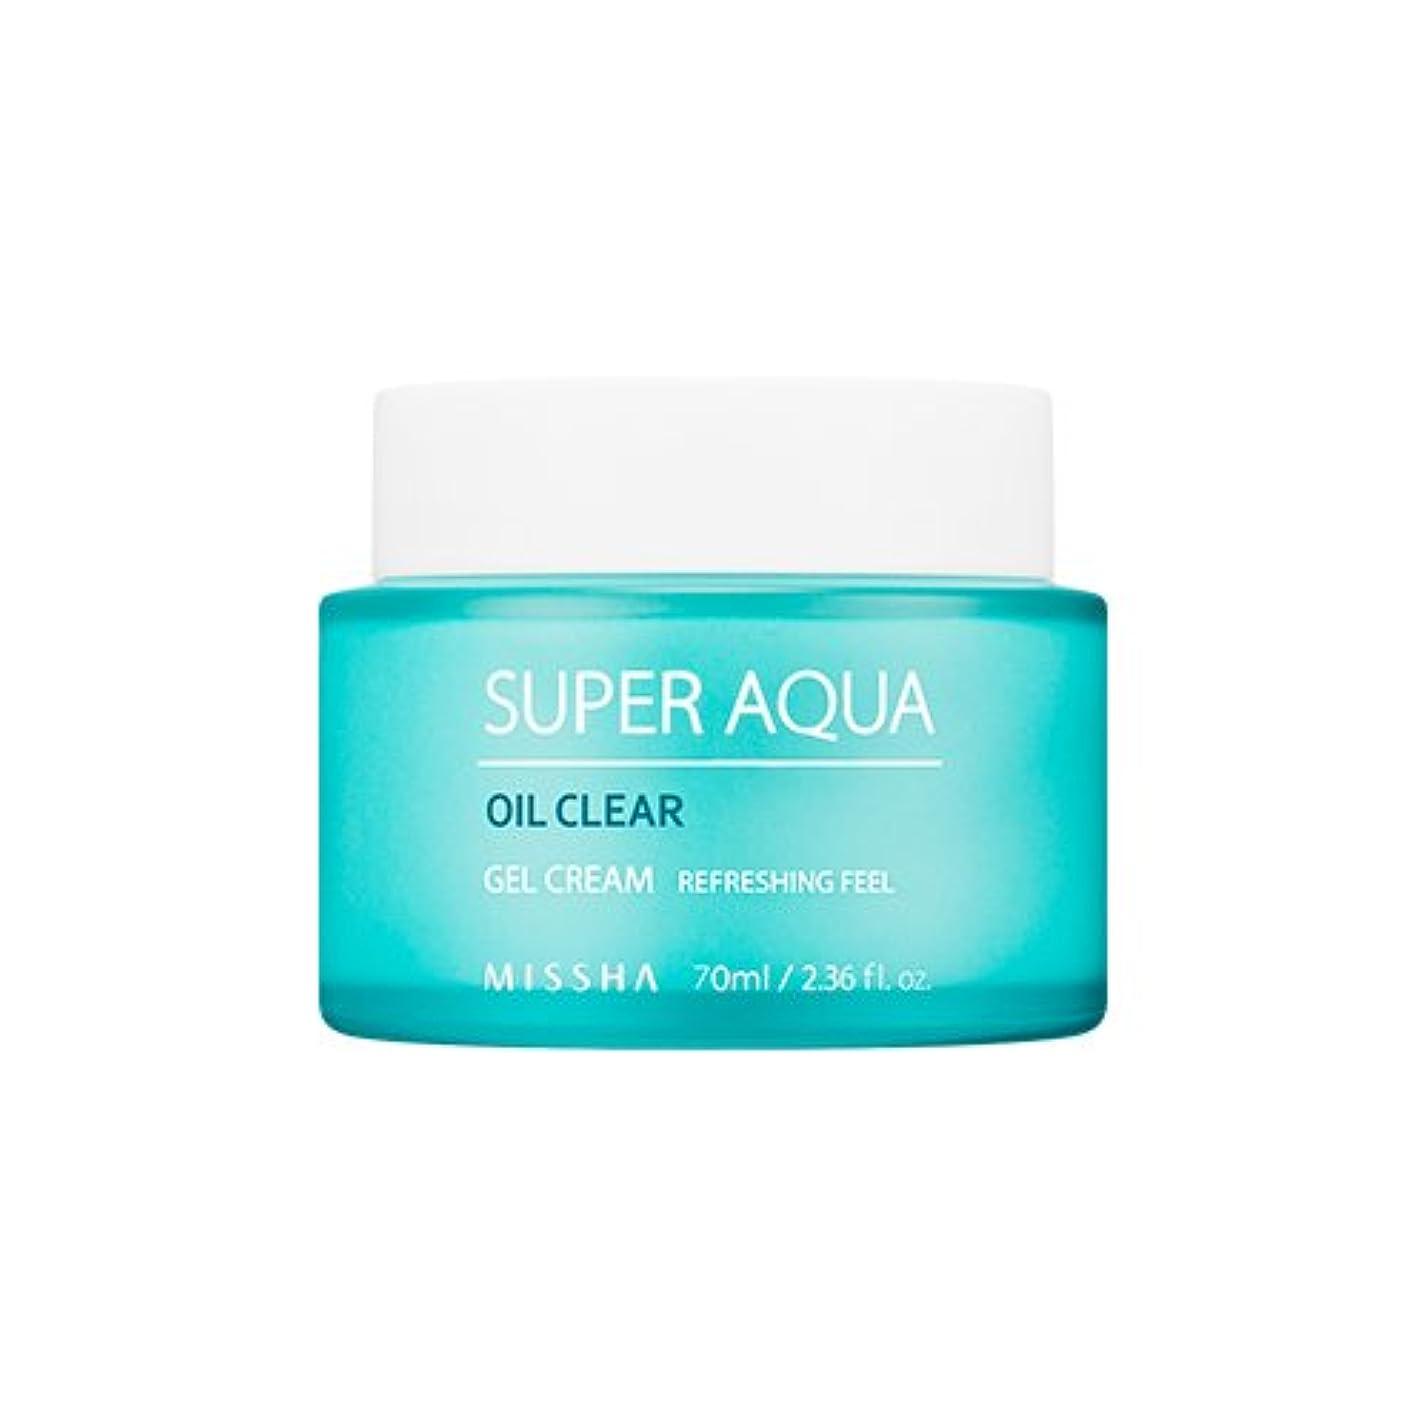 ディンカルビル感嘆競合他社選手MISSHA Super Aqua Oil Clear Gel Cream 70ml/ミシャ スーパー アクア オイル クリア ジェル クリーム 70ml [並行輸入品]